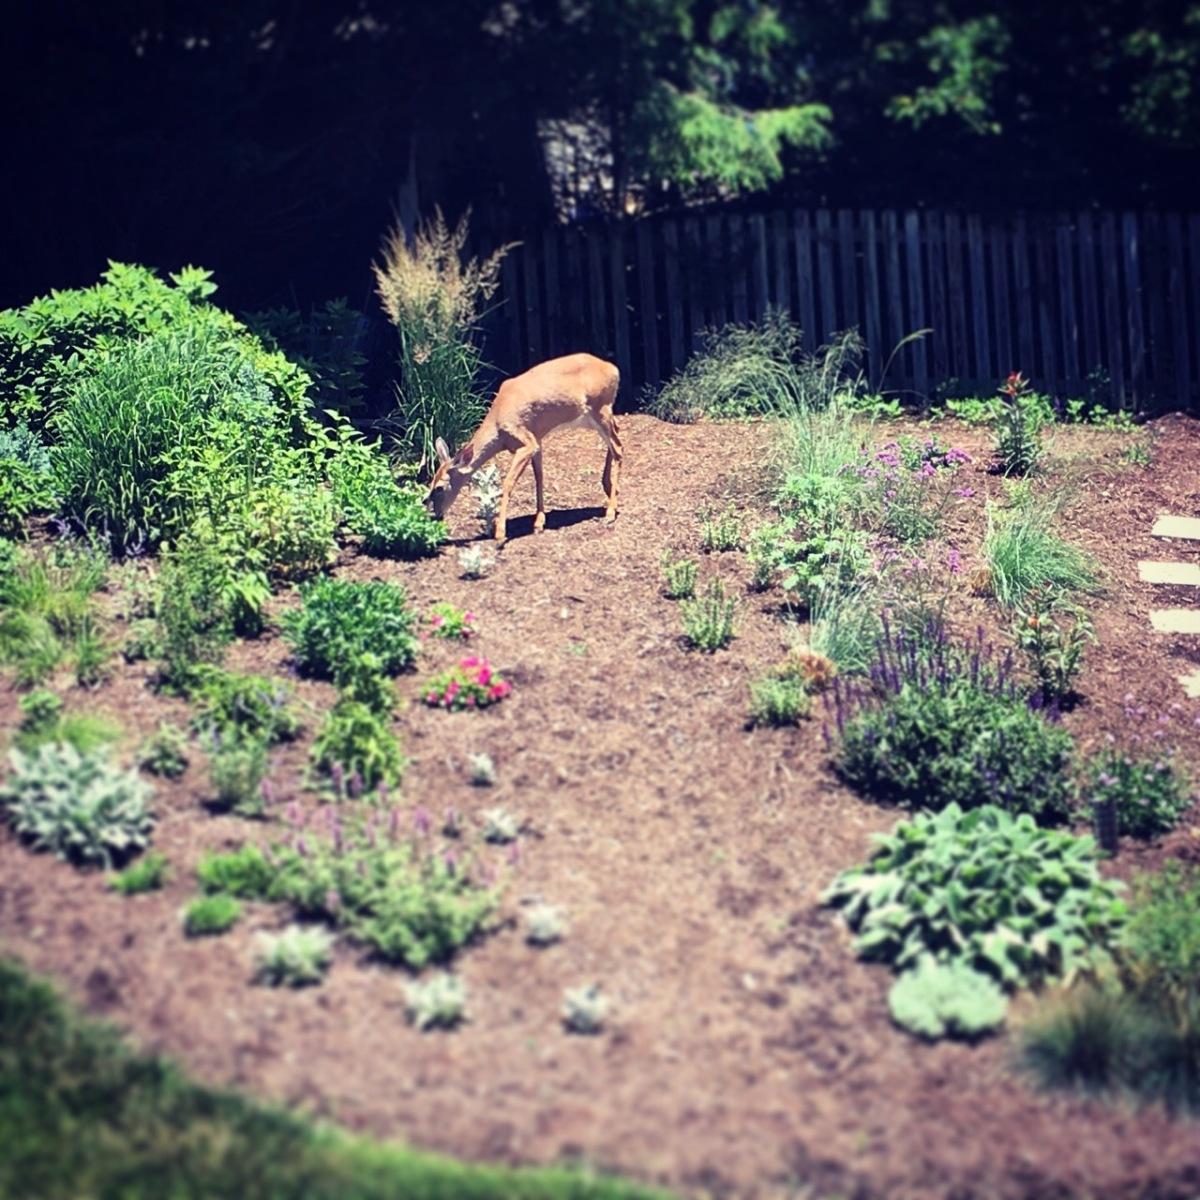 June 11 deer in garden